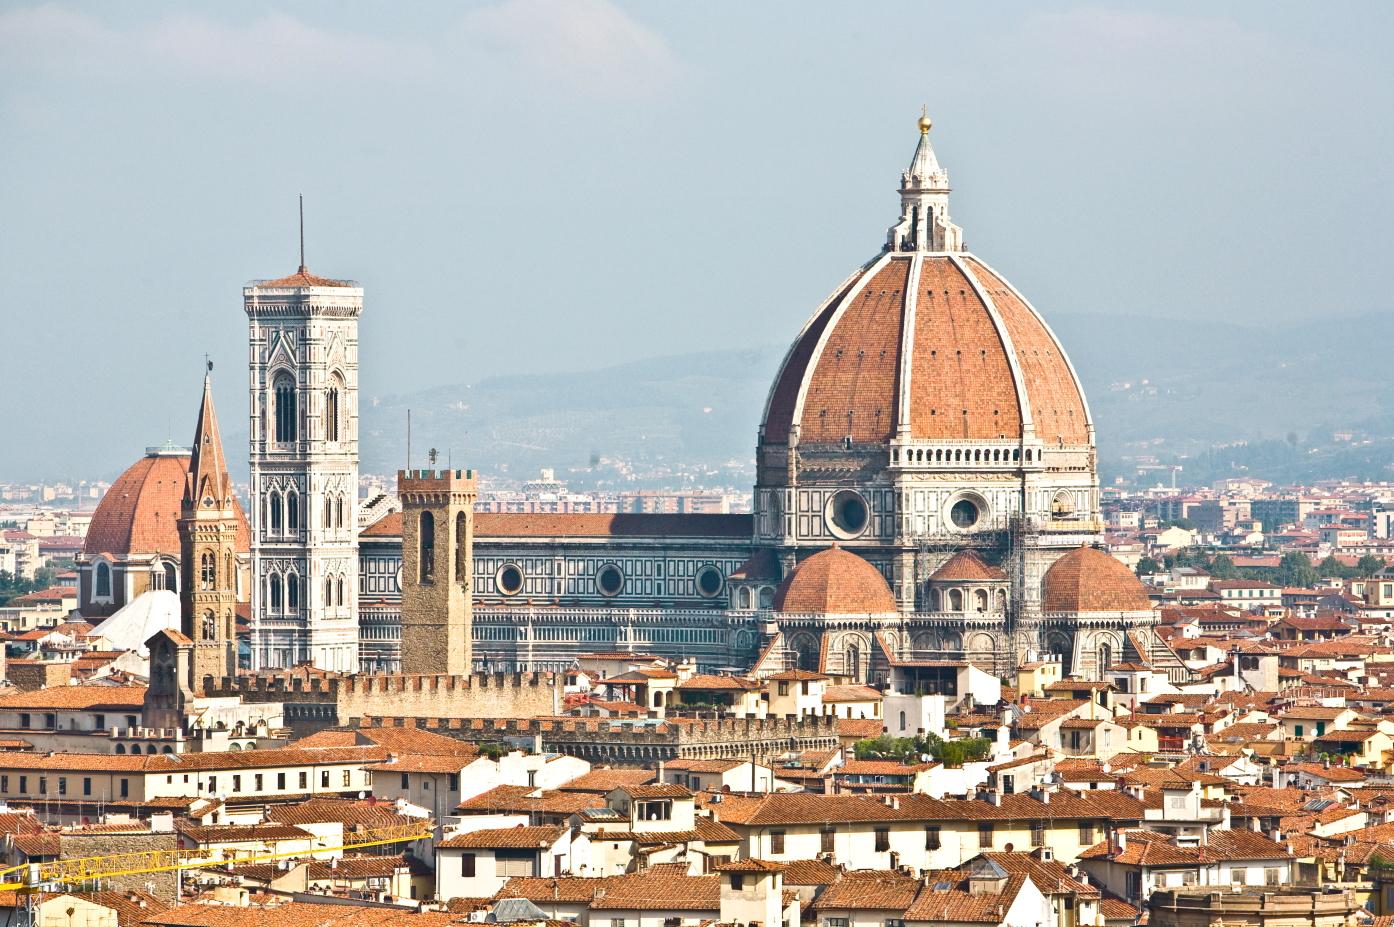 ブルネレスキ Brunelleschi 1377...